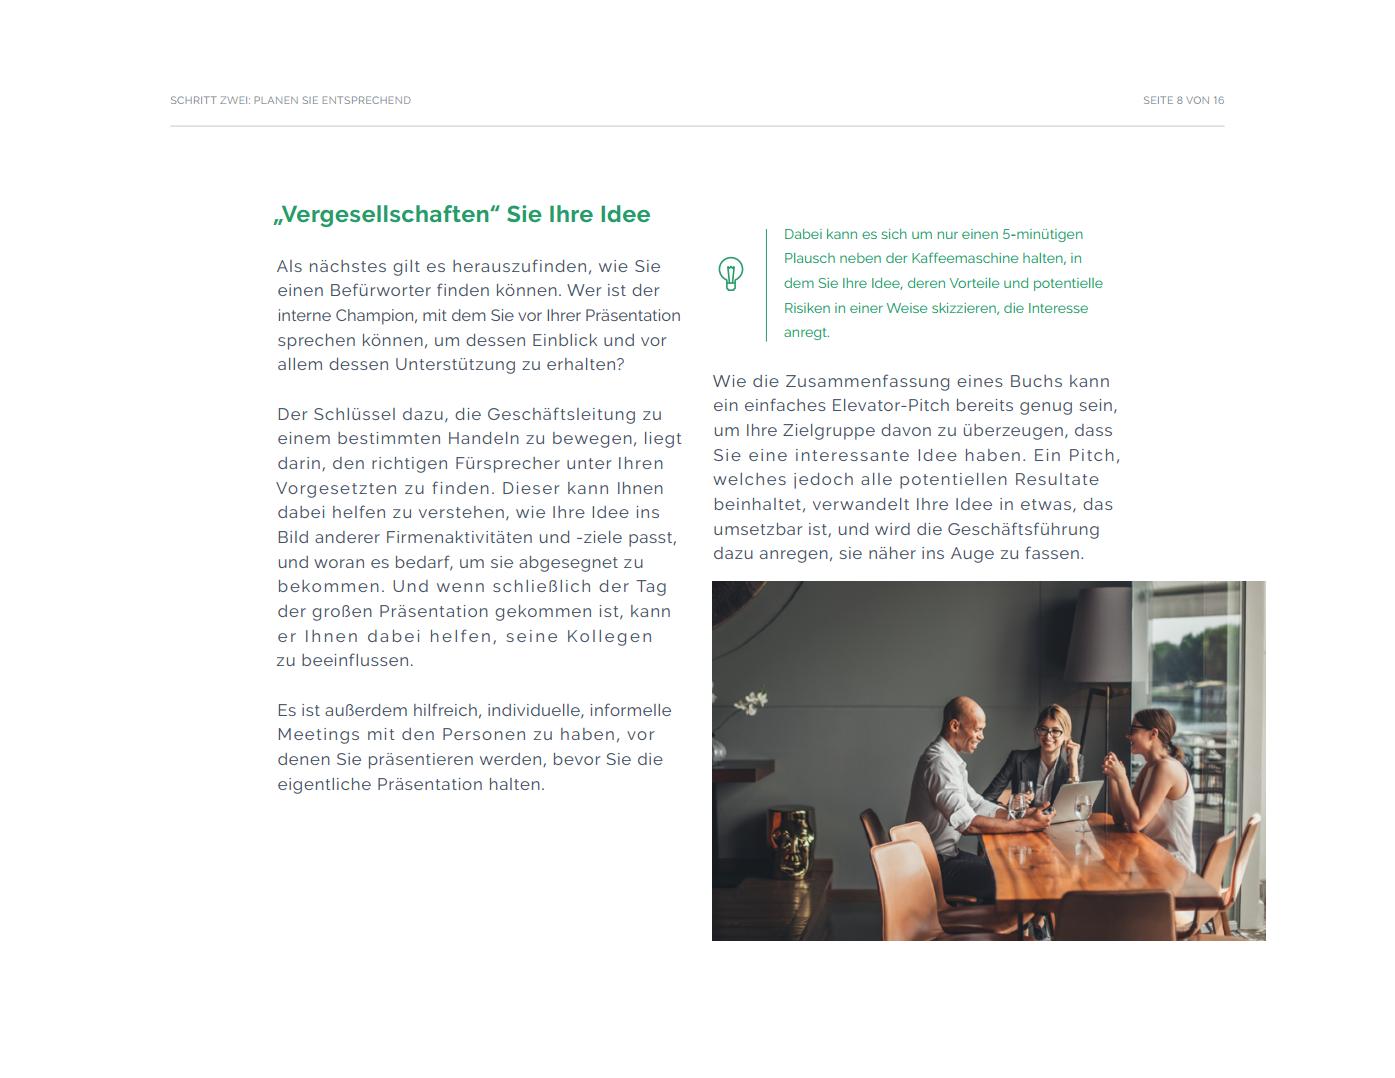 HubSpot - Prezi - Effektive Business-Praesentationen - Beispielbild 3